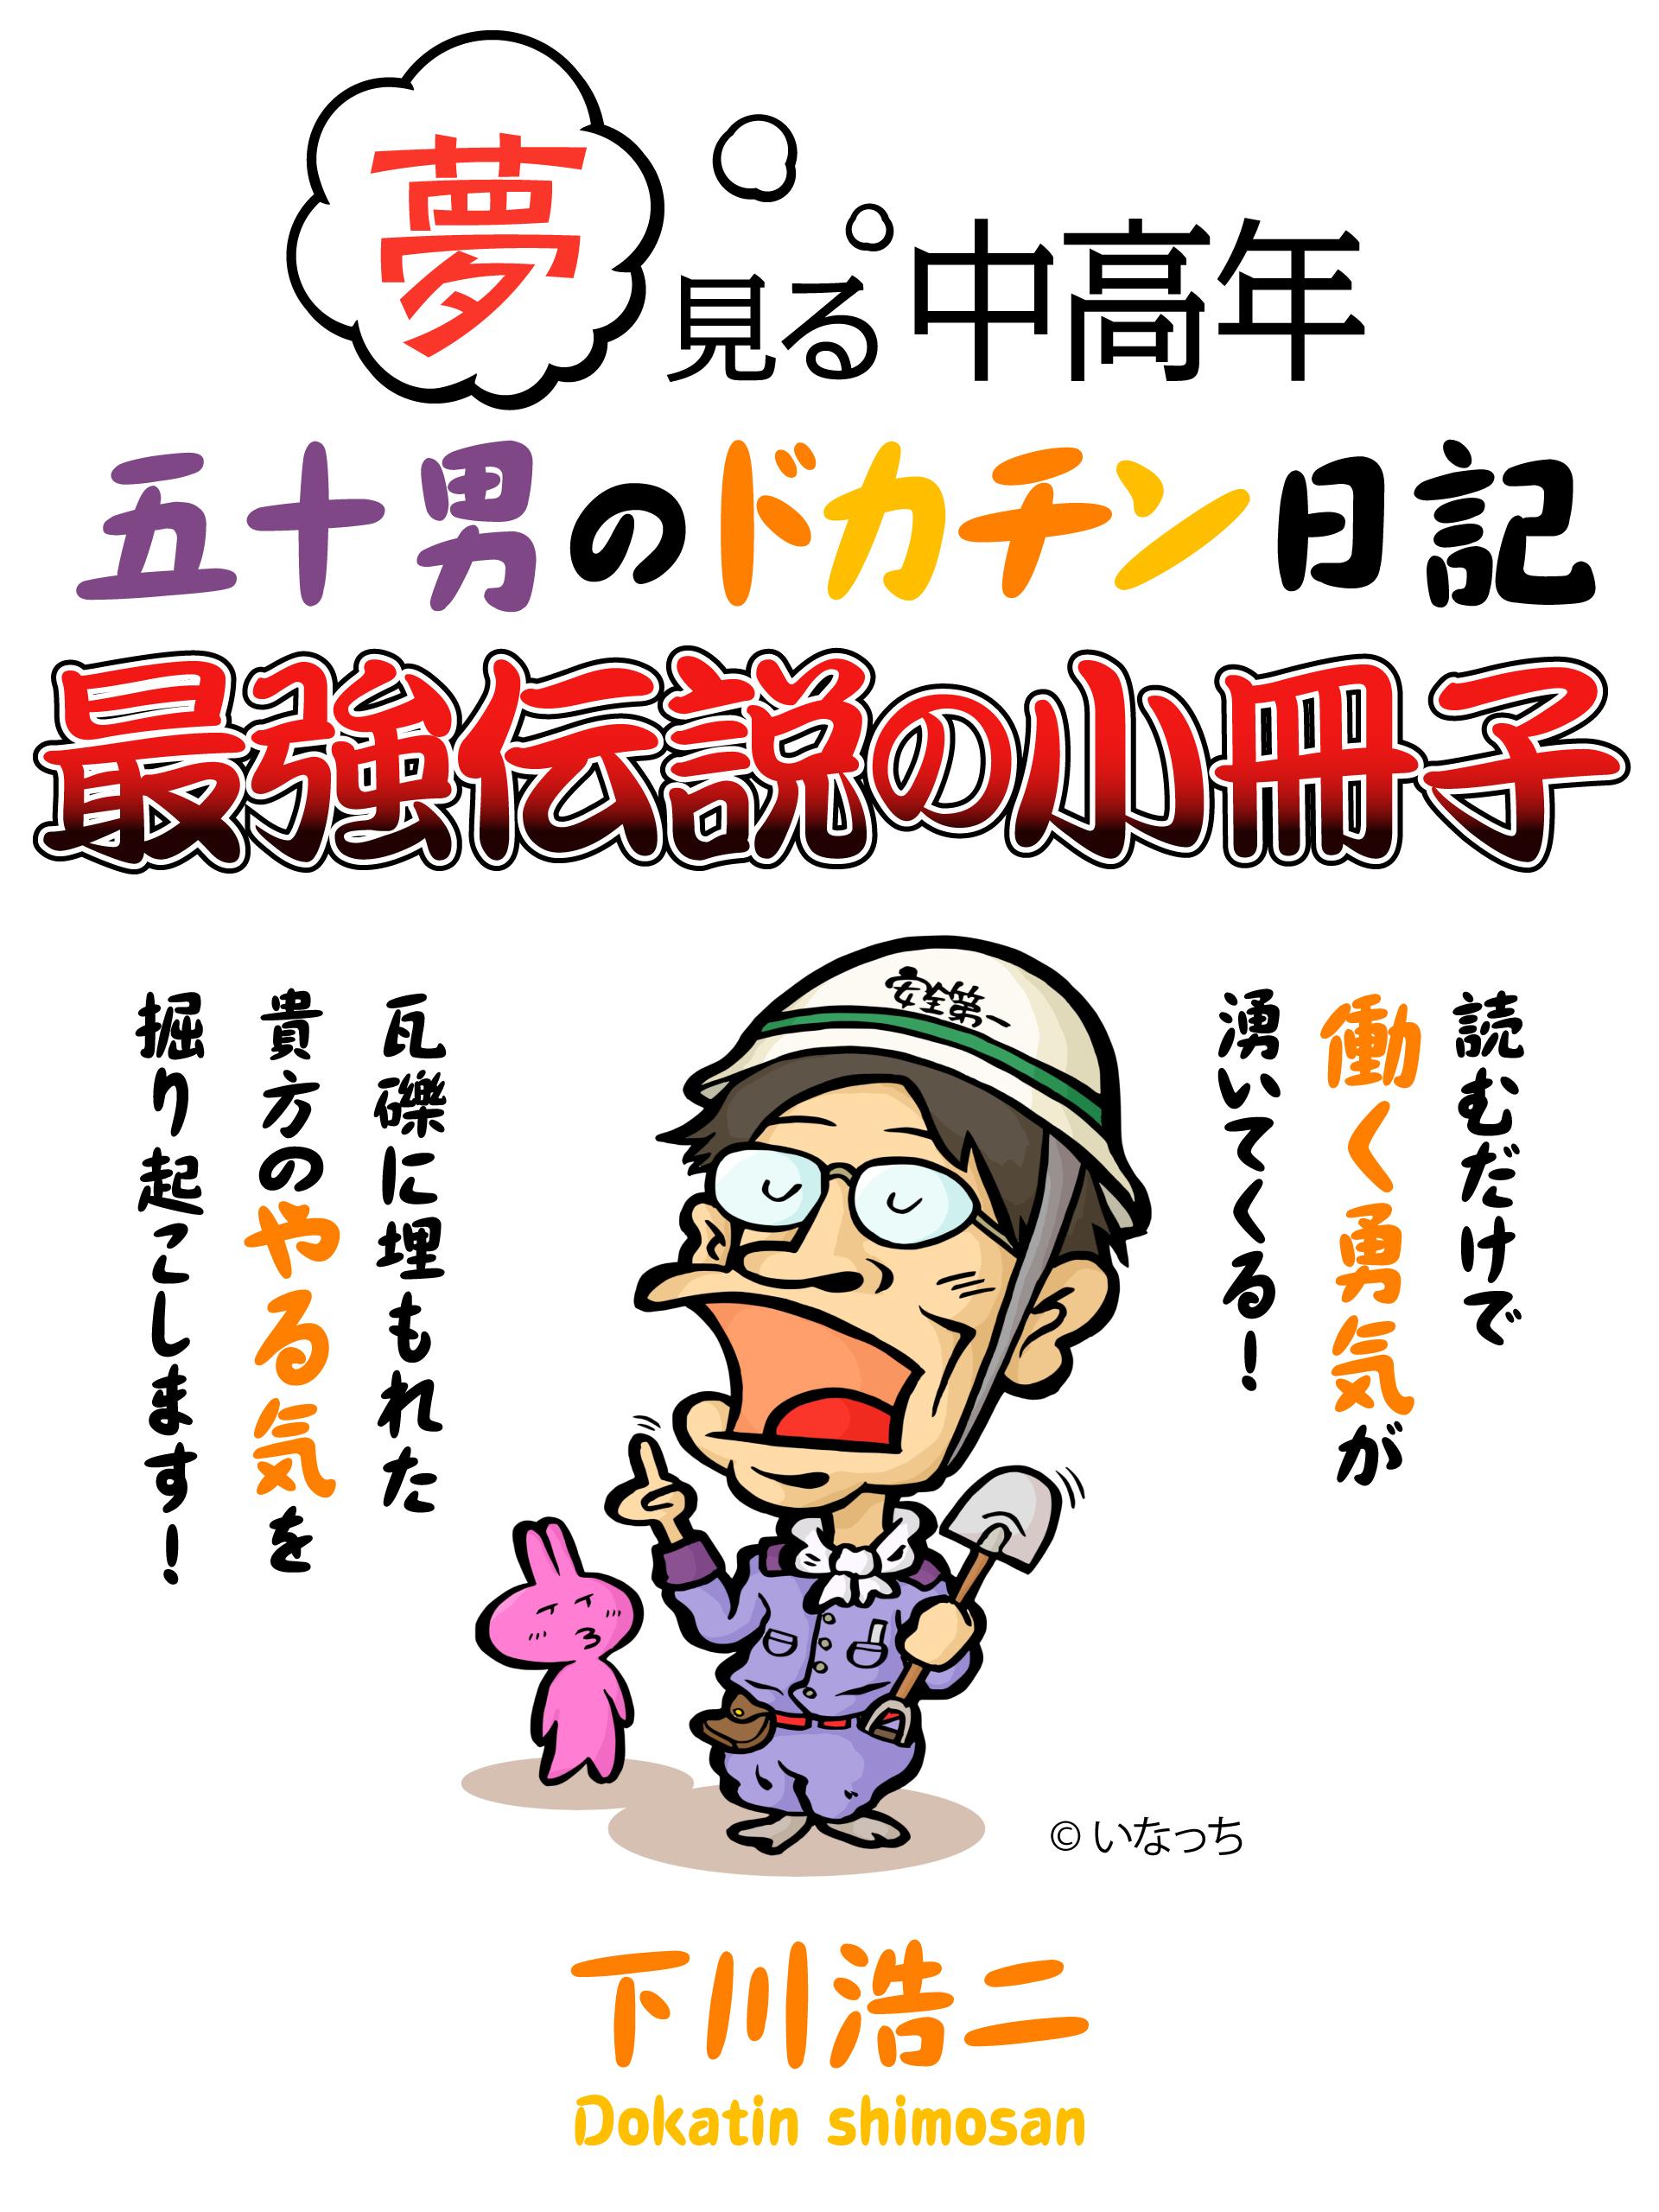 夢見る中高年 五十男のドカチン日記 最強伝説の小冊子